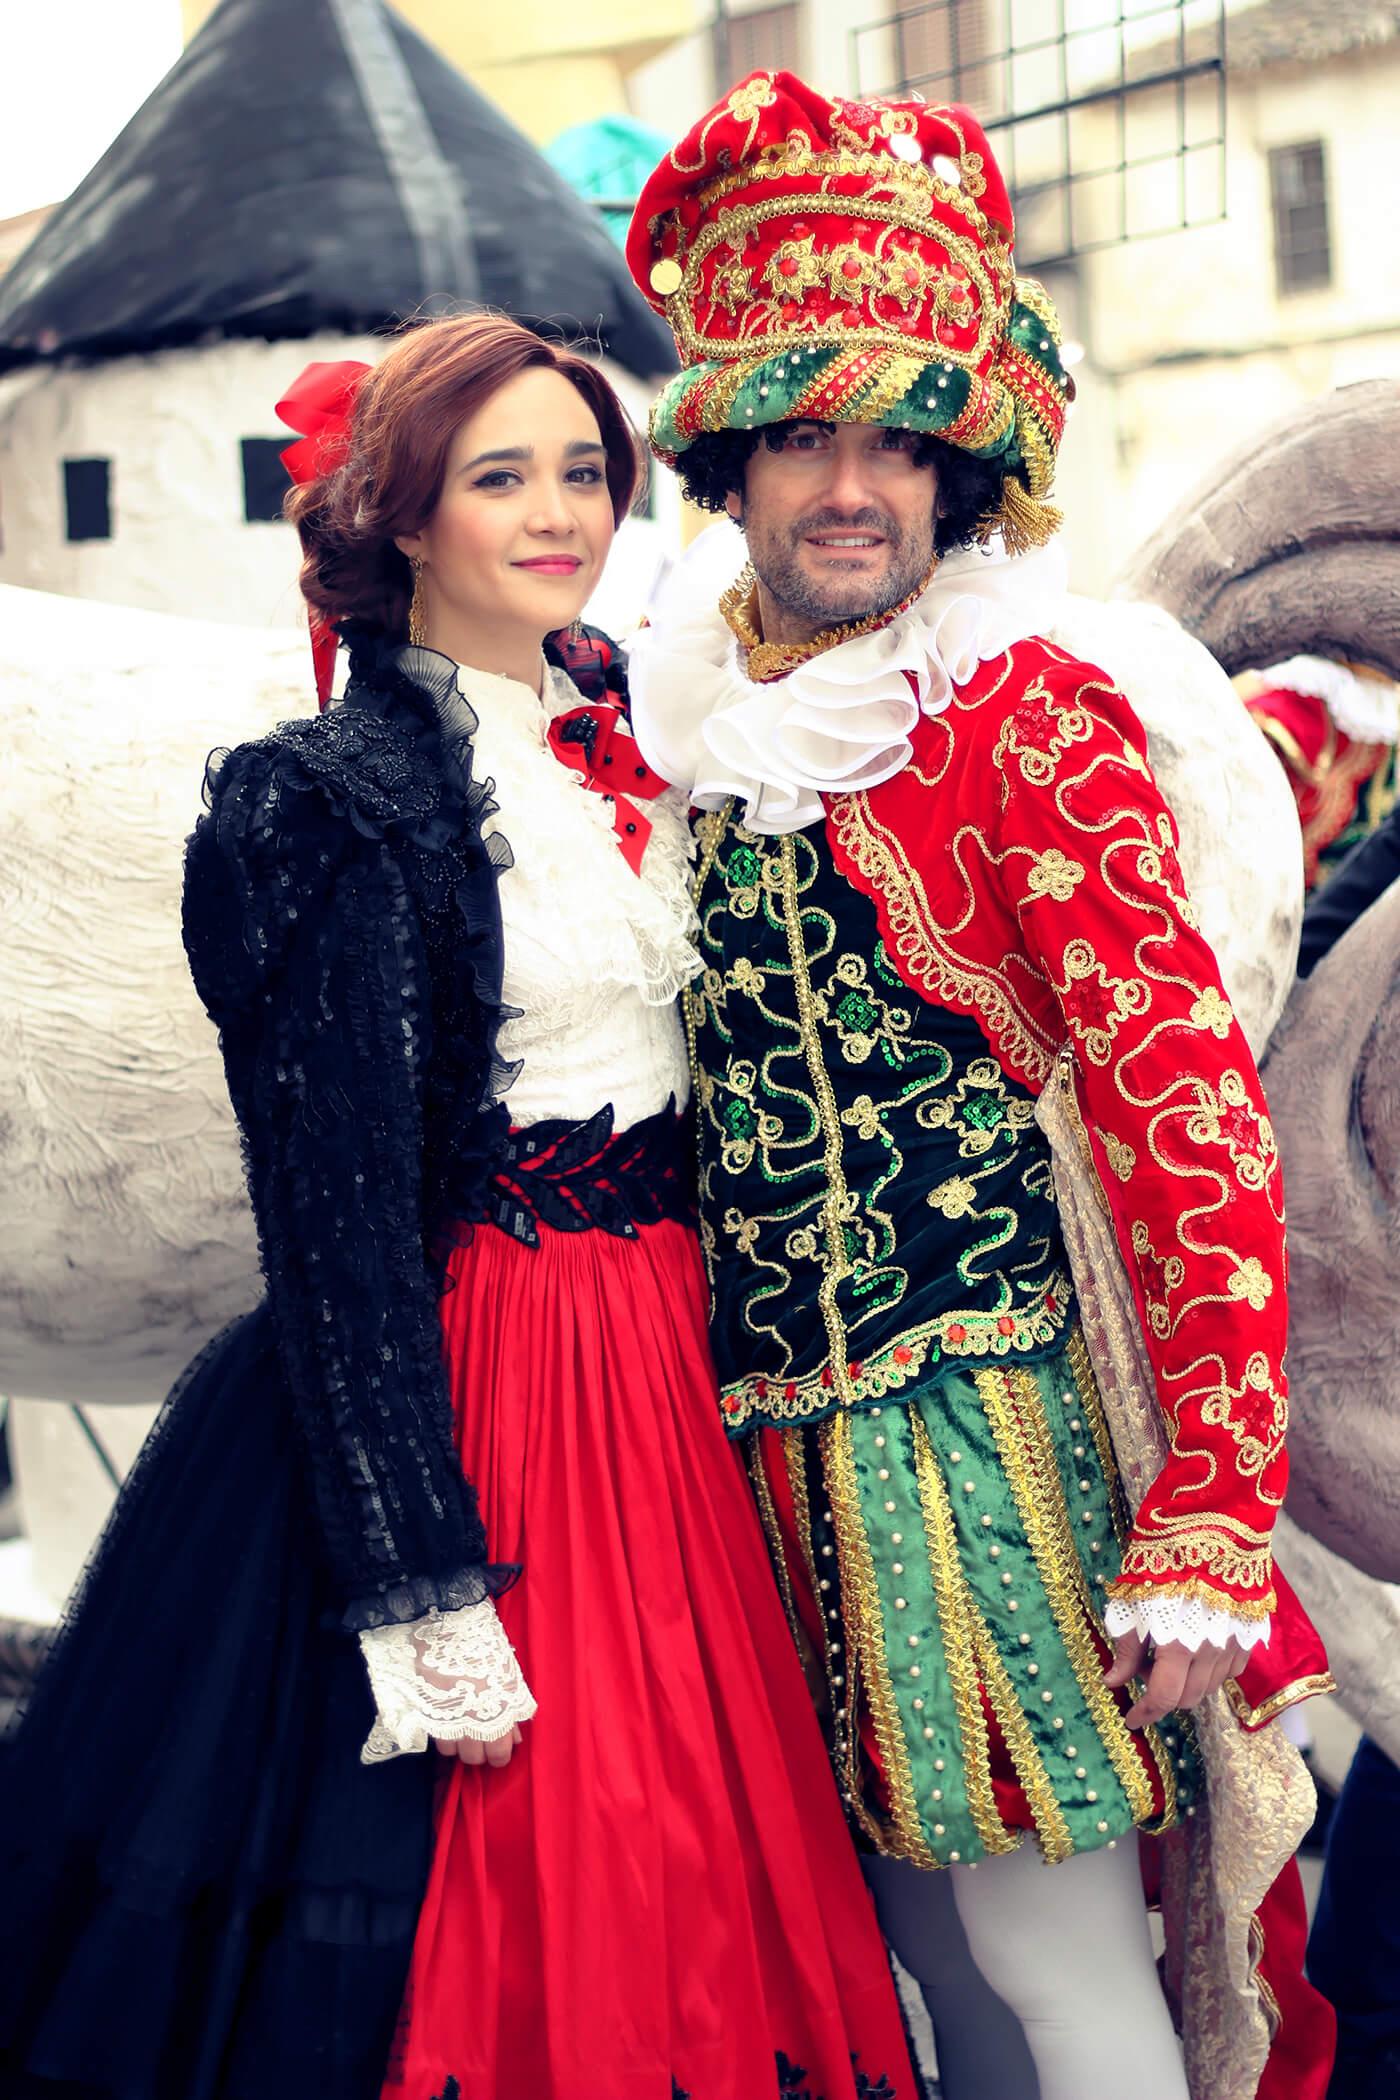 Confección de fantasía para carnaval y musicales